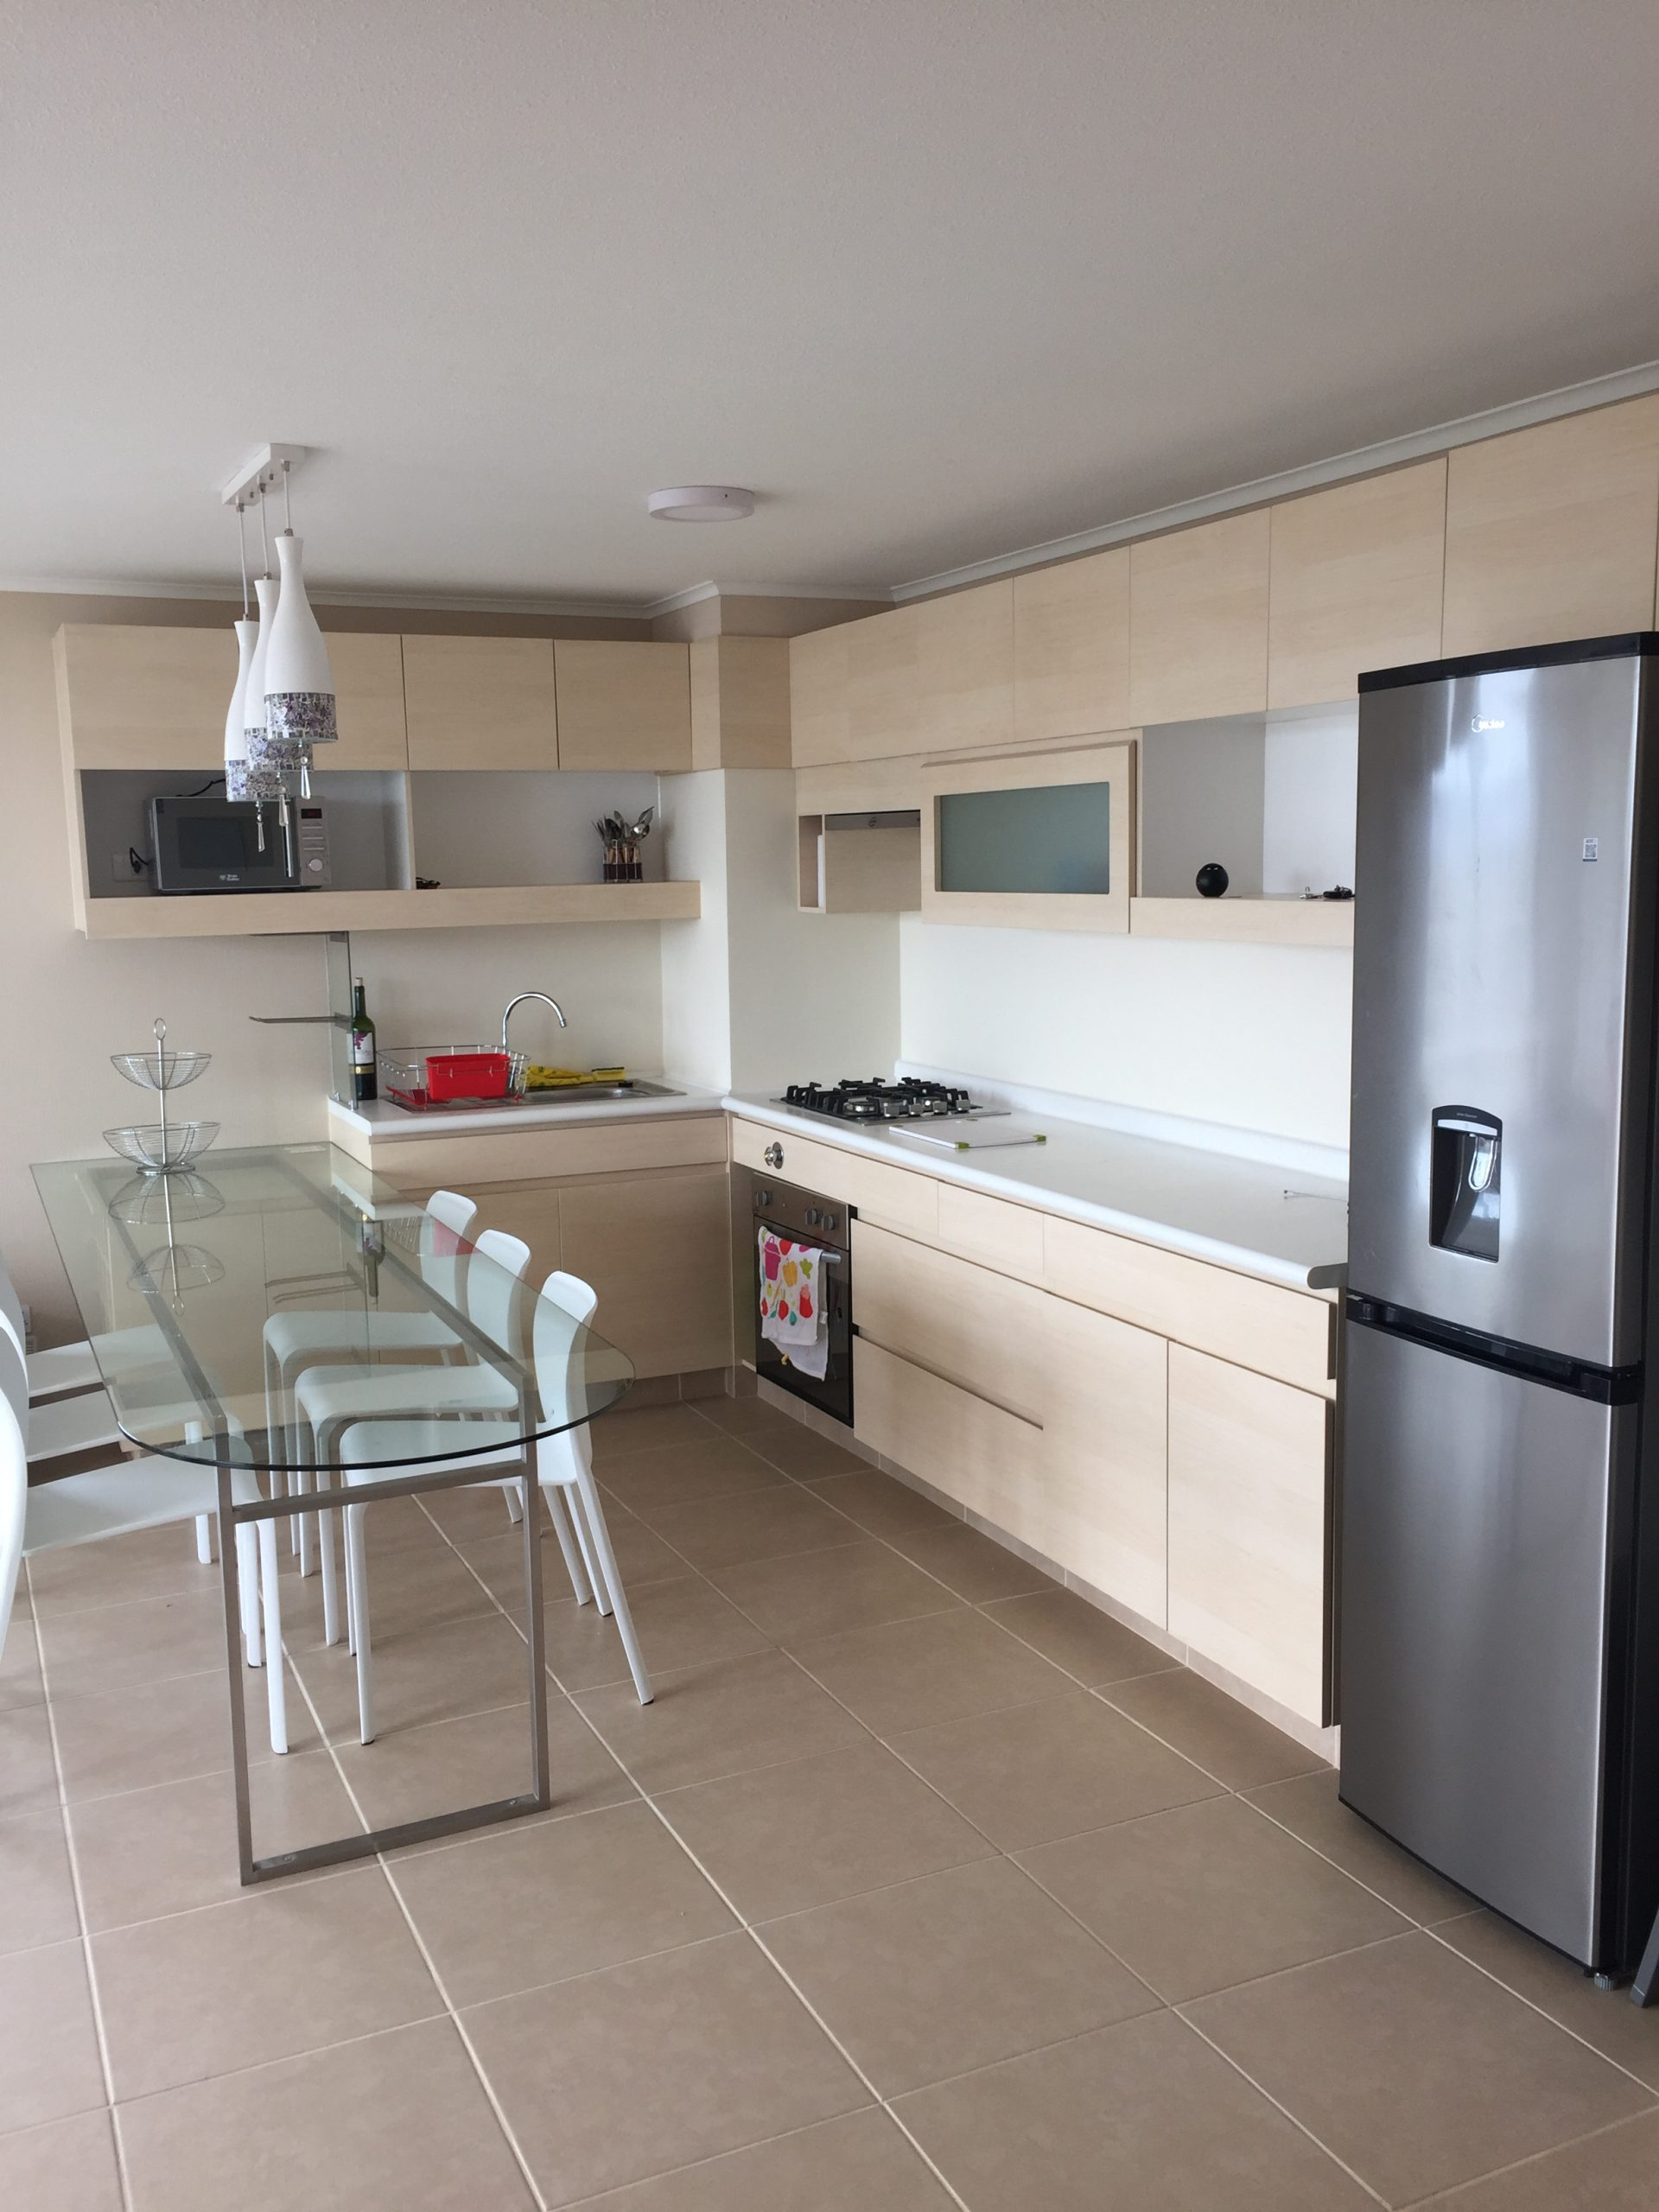 Departamento en venta Algarrobo cocina-comedor 2